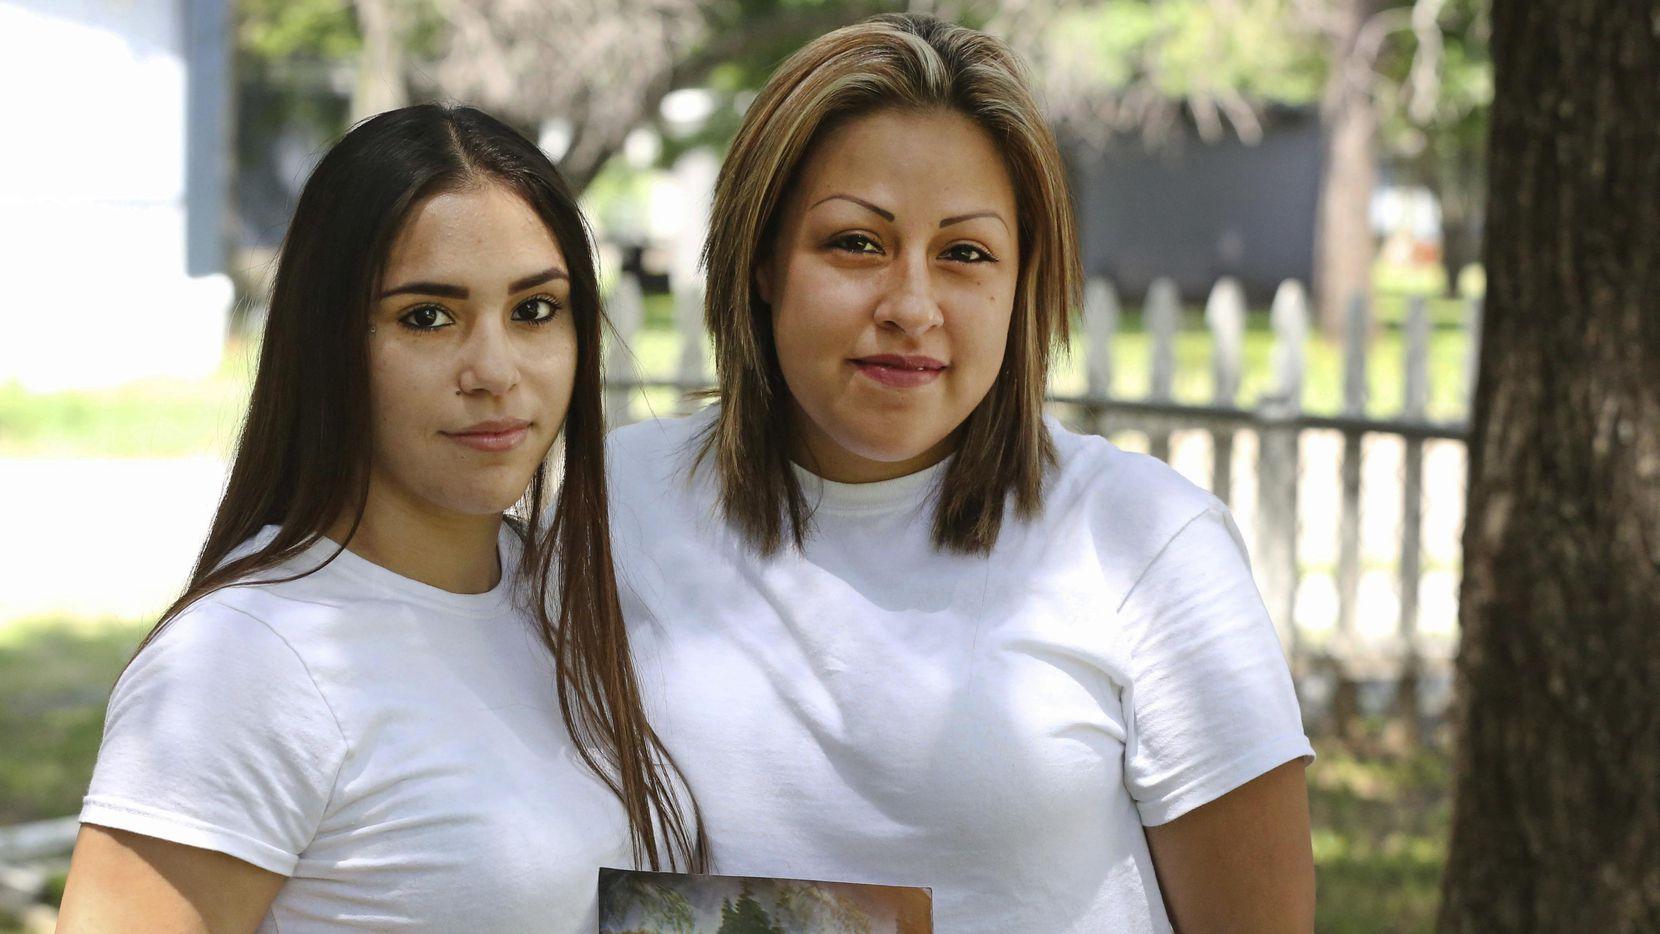 Daisy Serrano (izq.), con una foto de su madre, junto a su prima Dulce Domínguez. Ambas se reencontraron hace poco y ayudaron a resolver el asesinato de la madre de Daisy en 1996. LOUIS DeLUCA/DMN